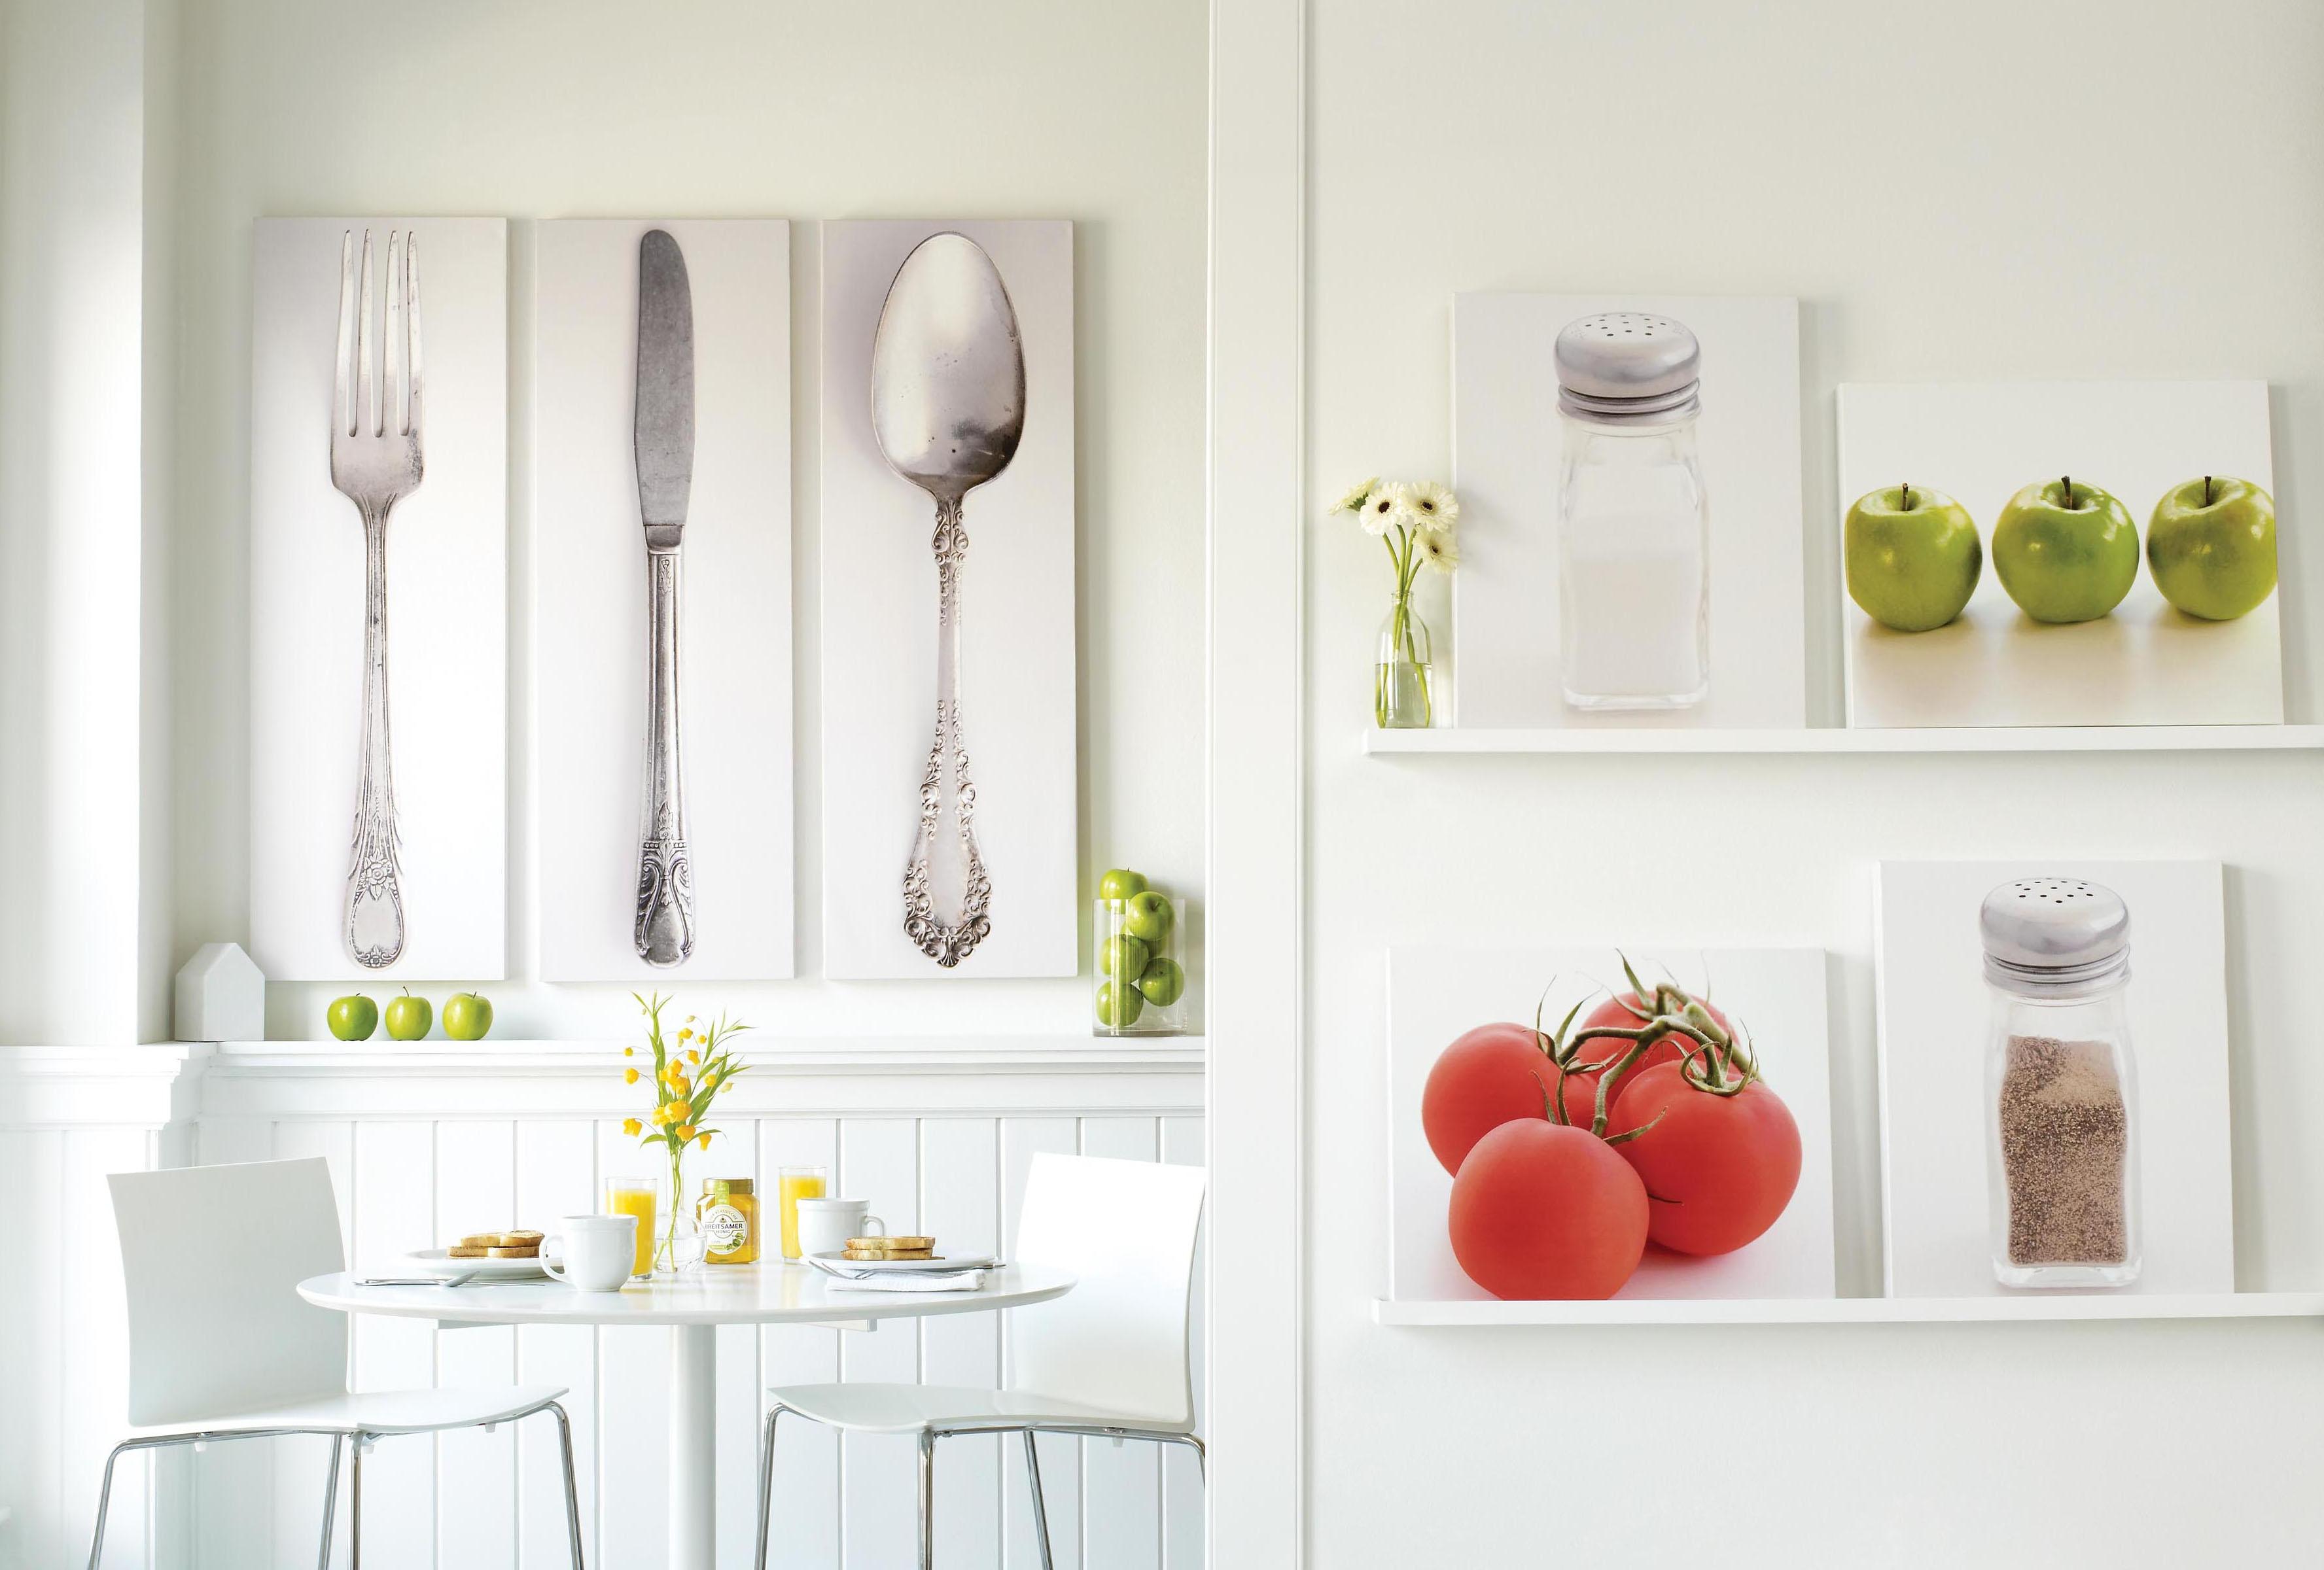 Картины с изображением кухонных приборов